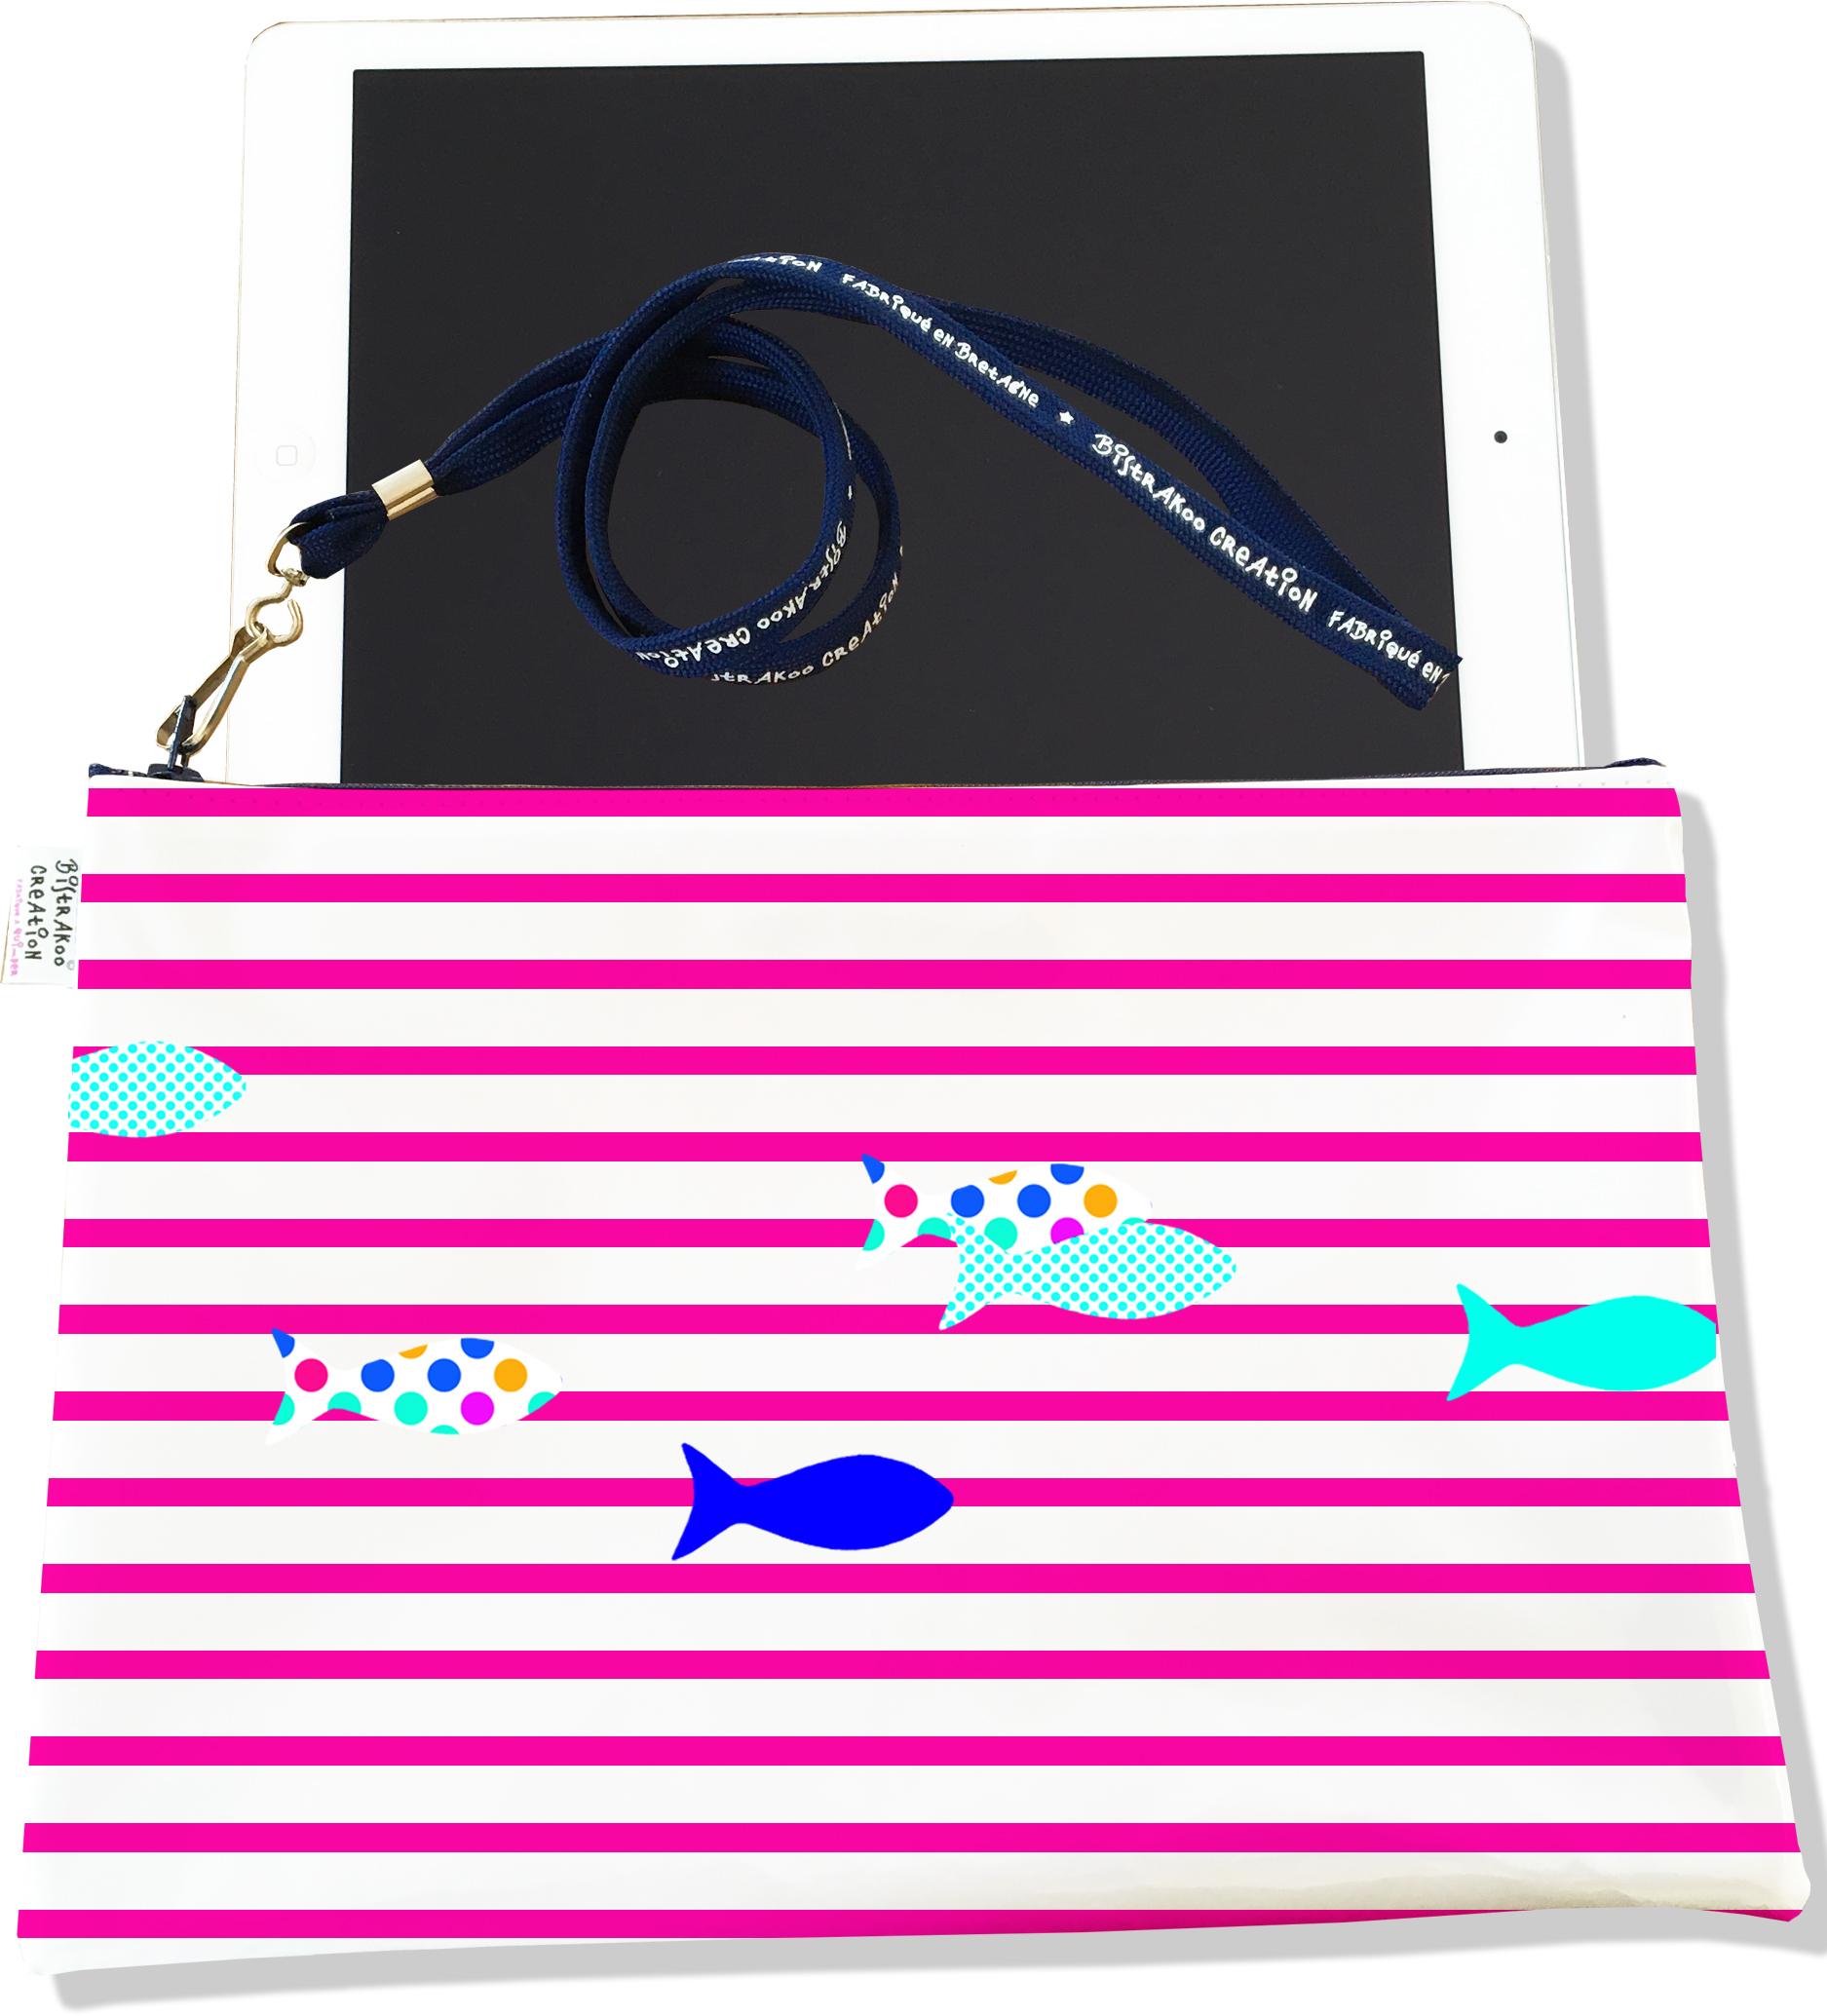 Housse pour tablette pour femme motif Marinière rose poissons multicolores 2431-2016